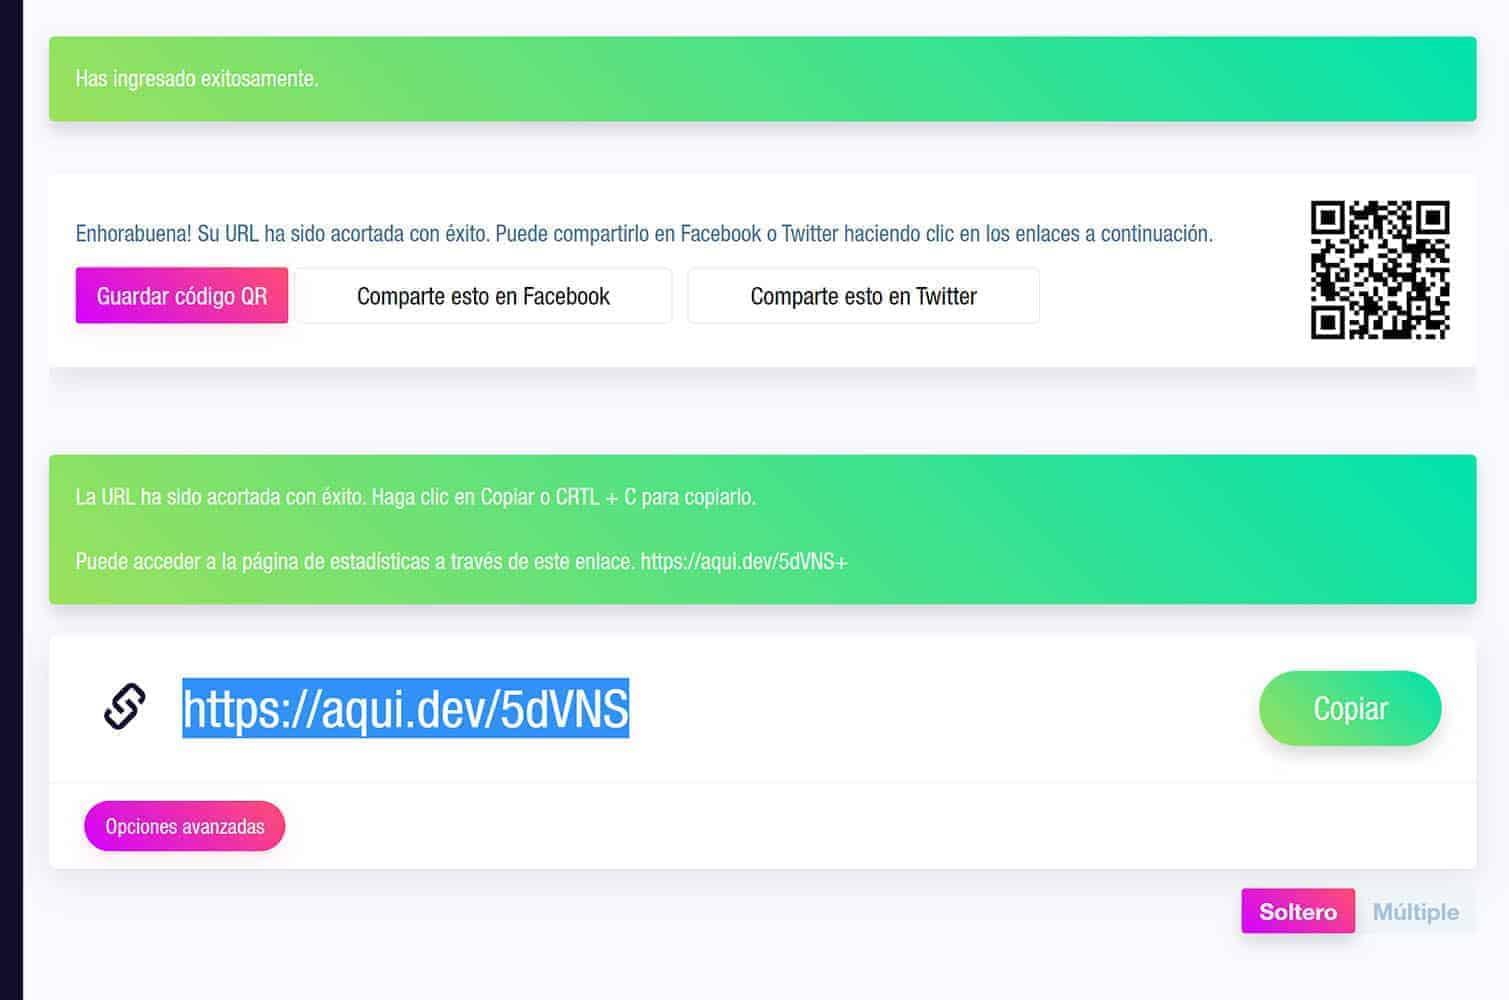 Panel de opciones de personalización de una URL corta en Aqui.dev.